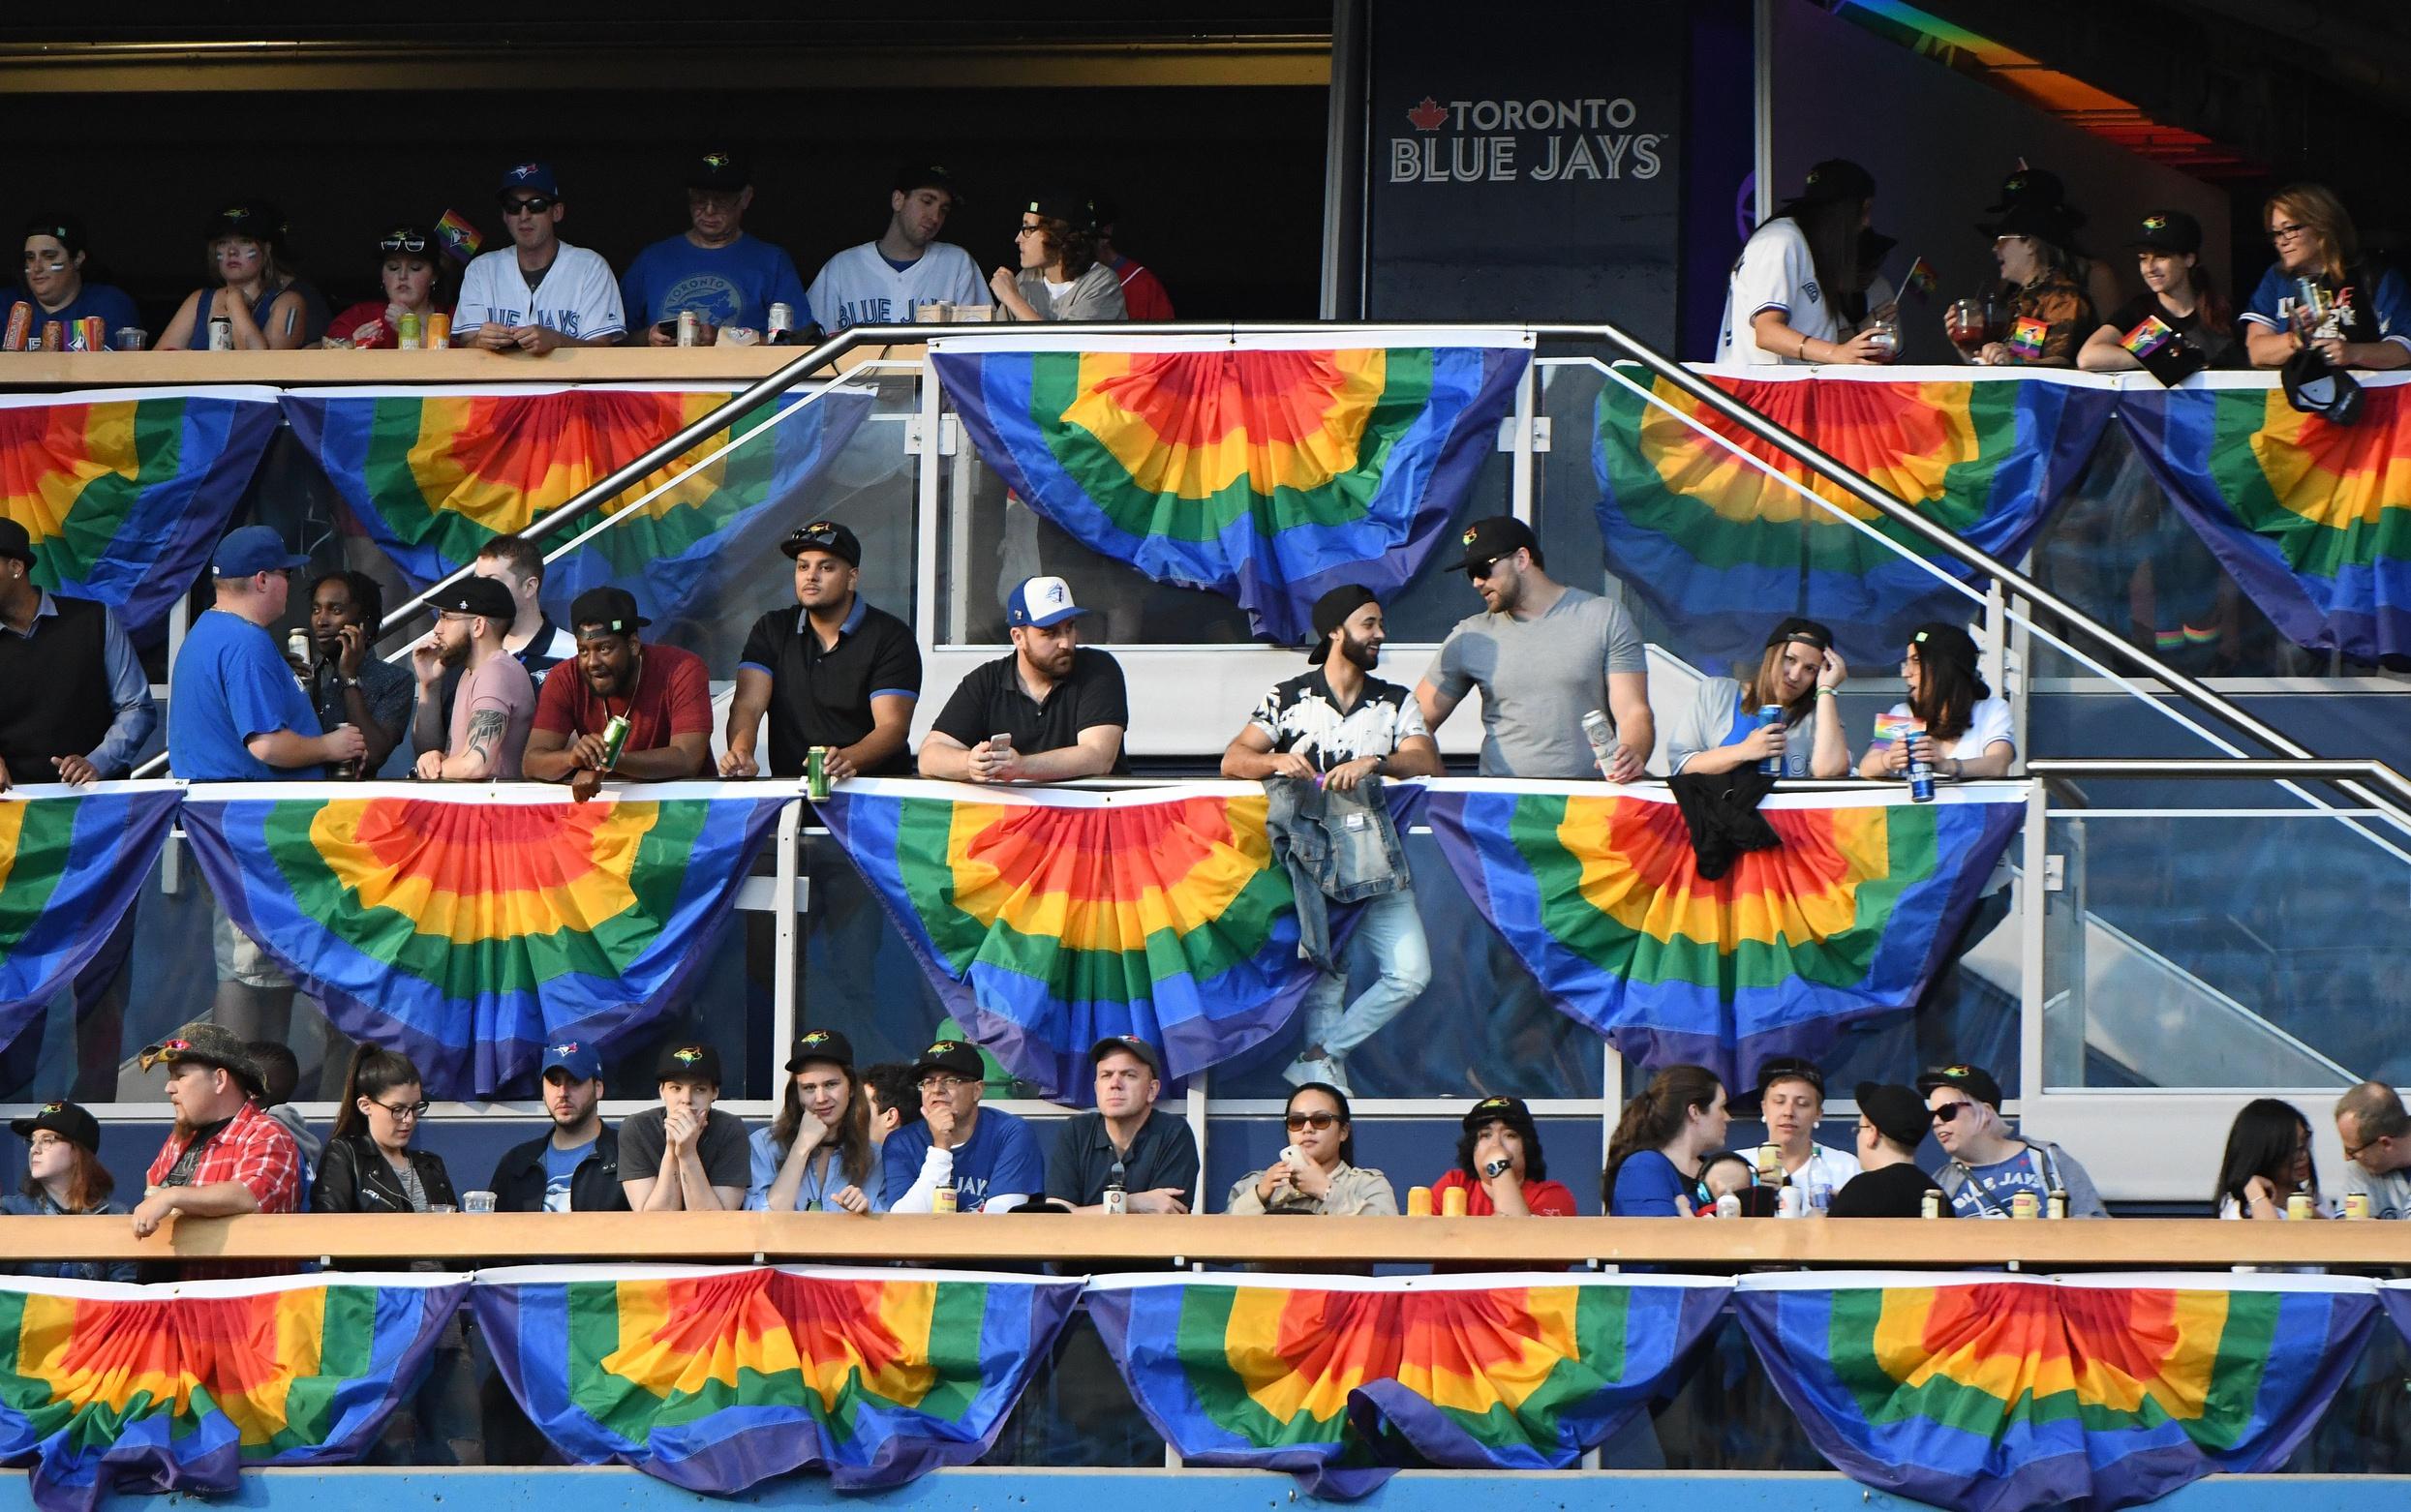 Blue Jays Pride Night